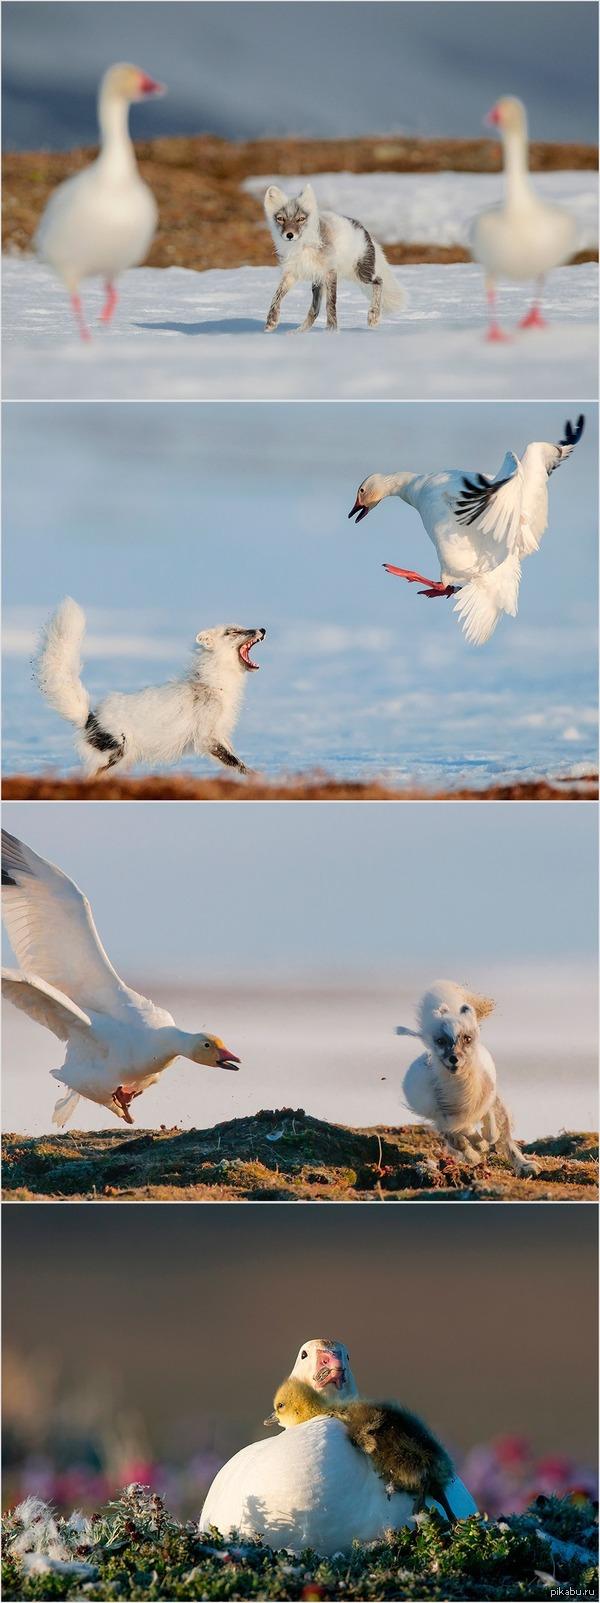 Песец хотел проверить гусиные гнезда... и с позором бежал =) автор фото С.Горшков, о.Врангеля